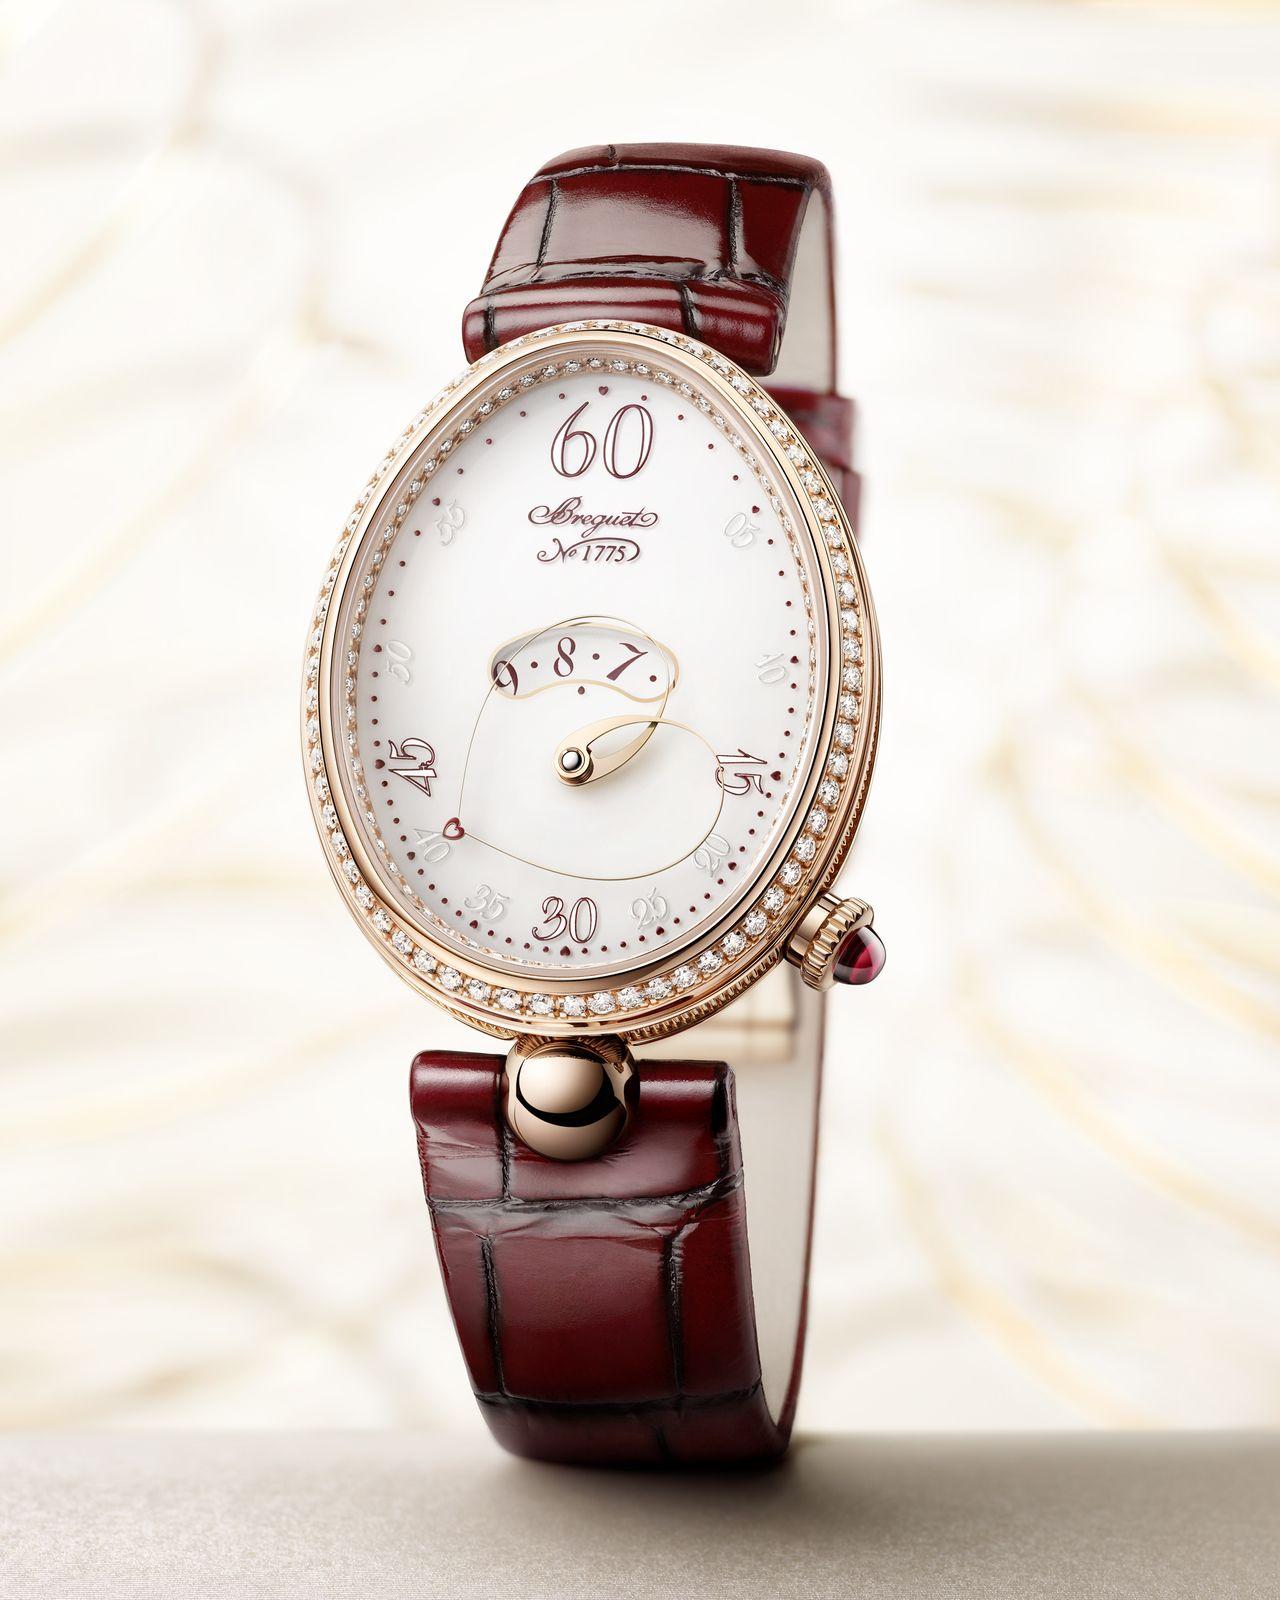 Breguet Reine de Naples Cœur - nemcsak ötletes komplikációja, hanem szimbolikája is van az órának